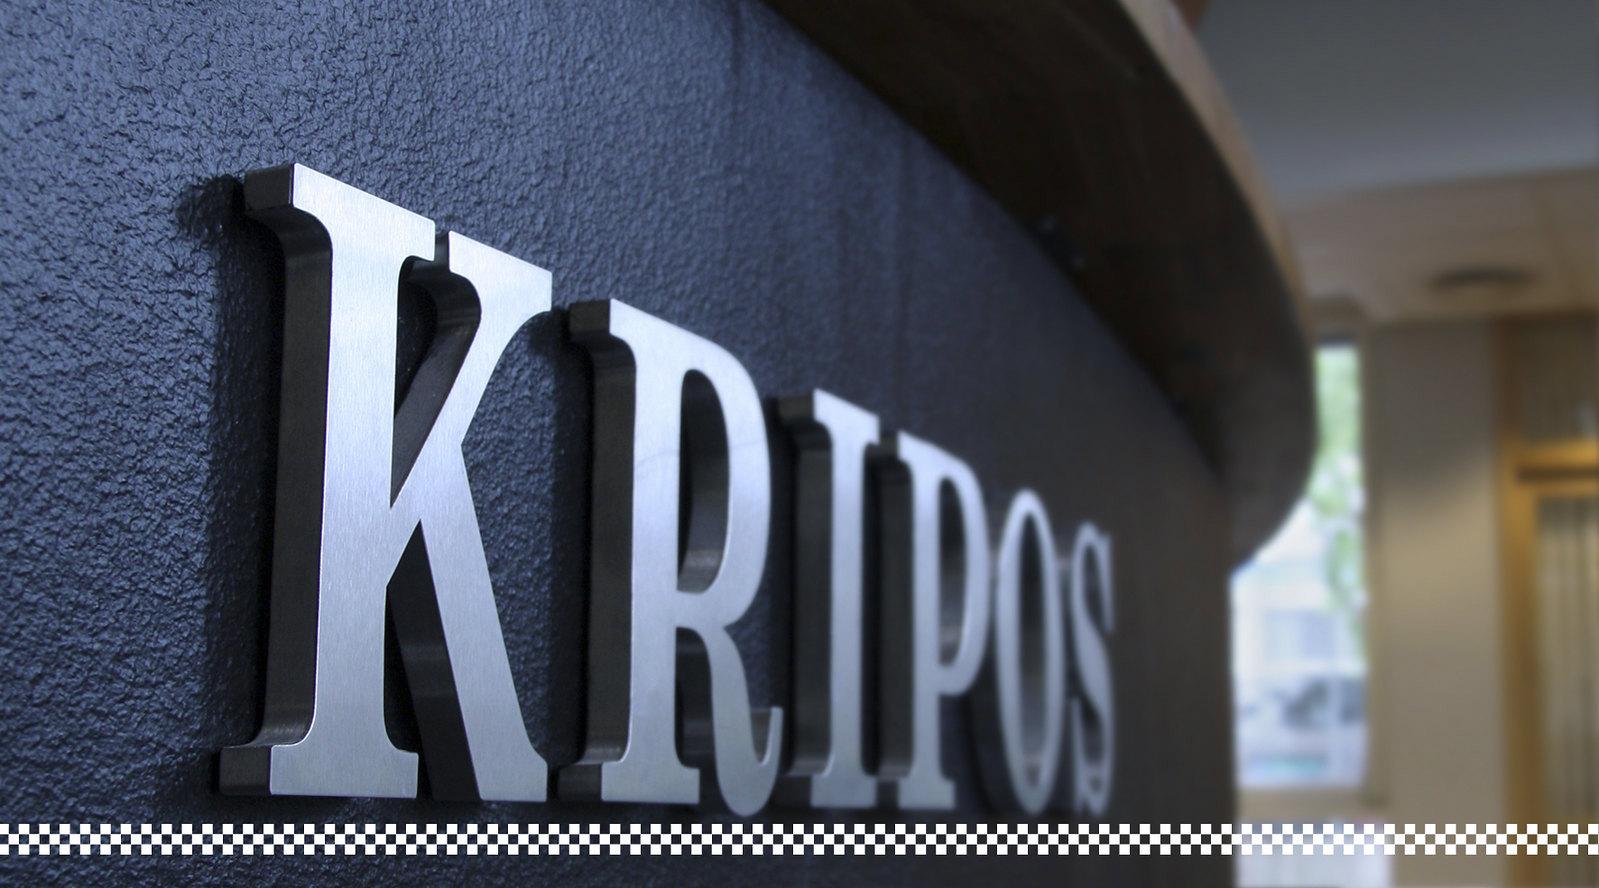 Kripos-emblem